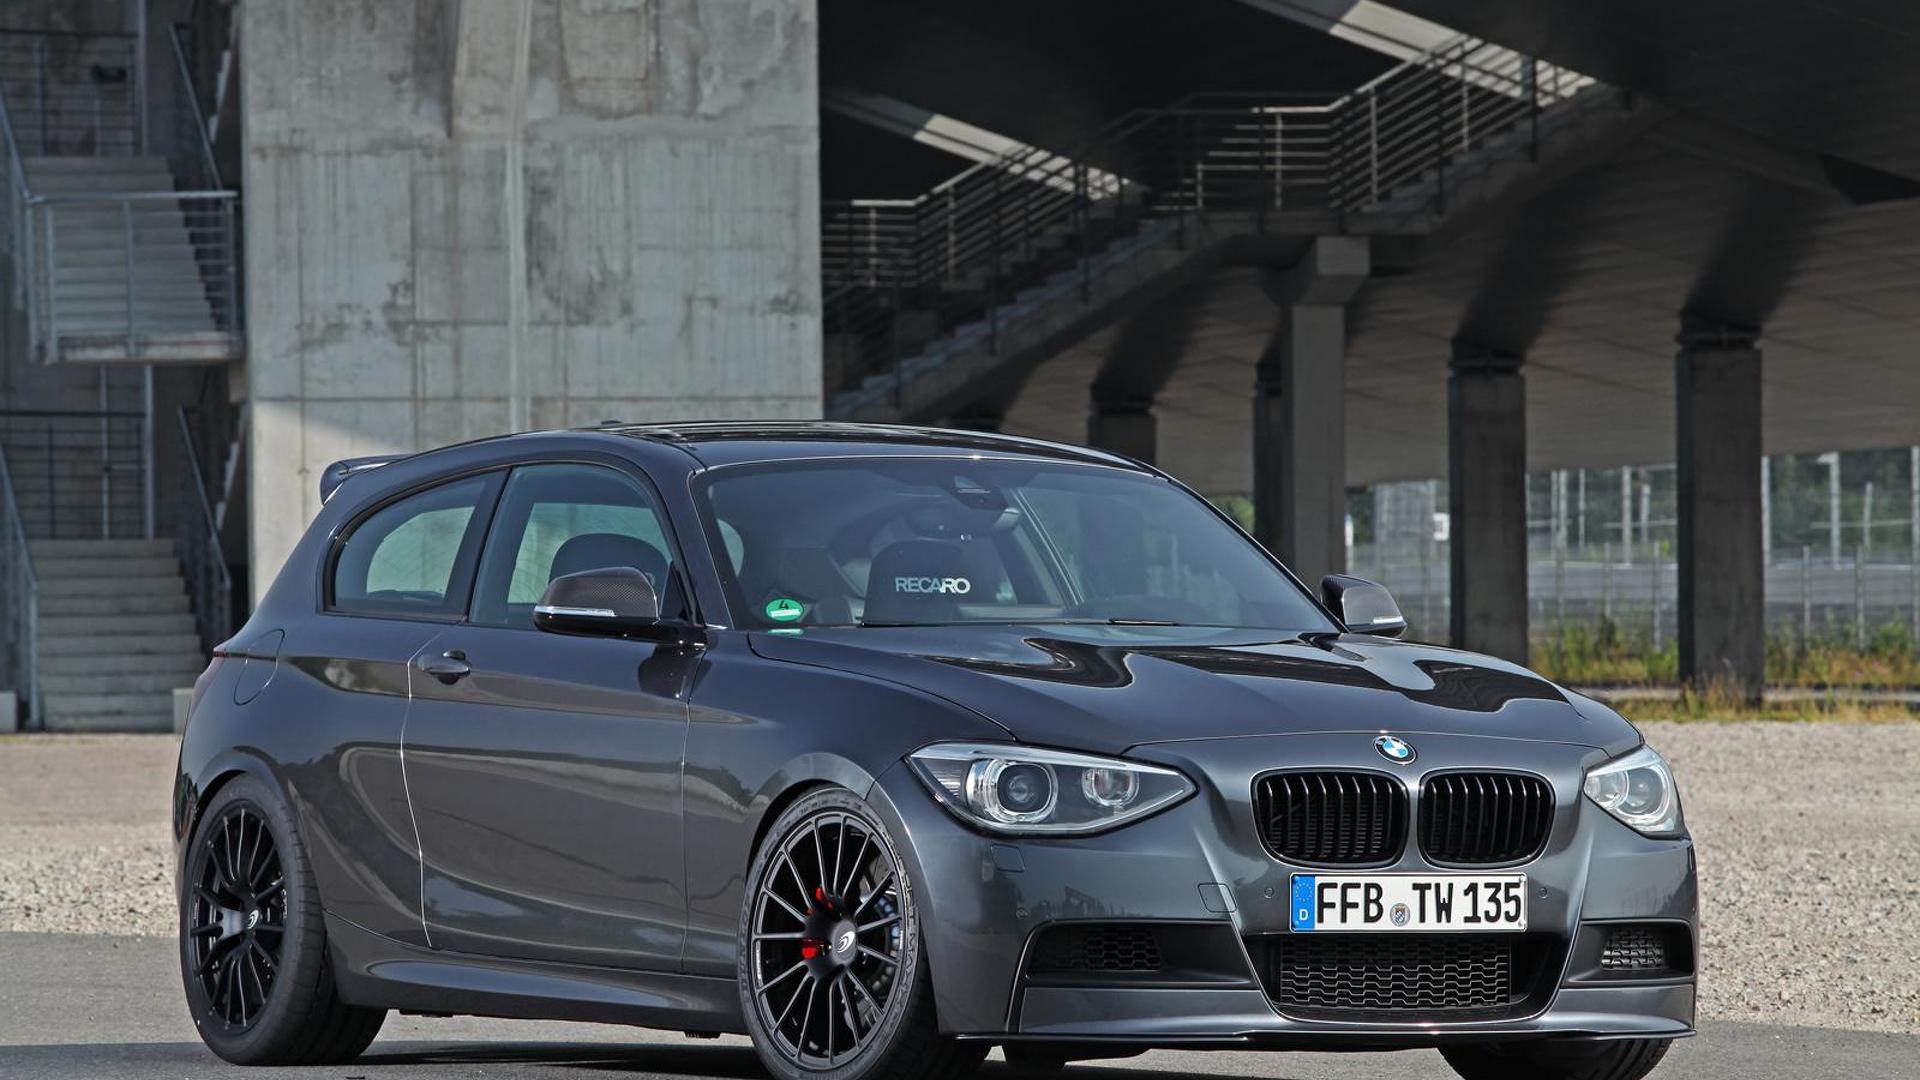 BMW M135i modified by Tuningwerk